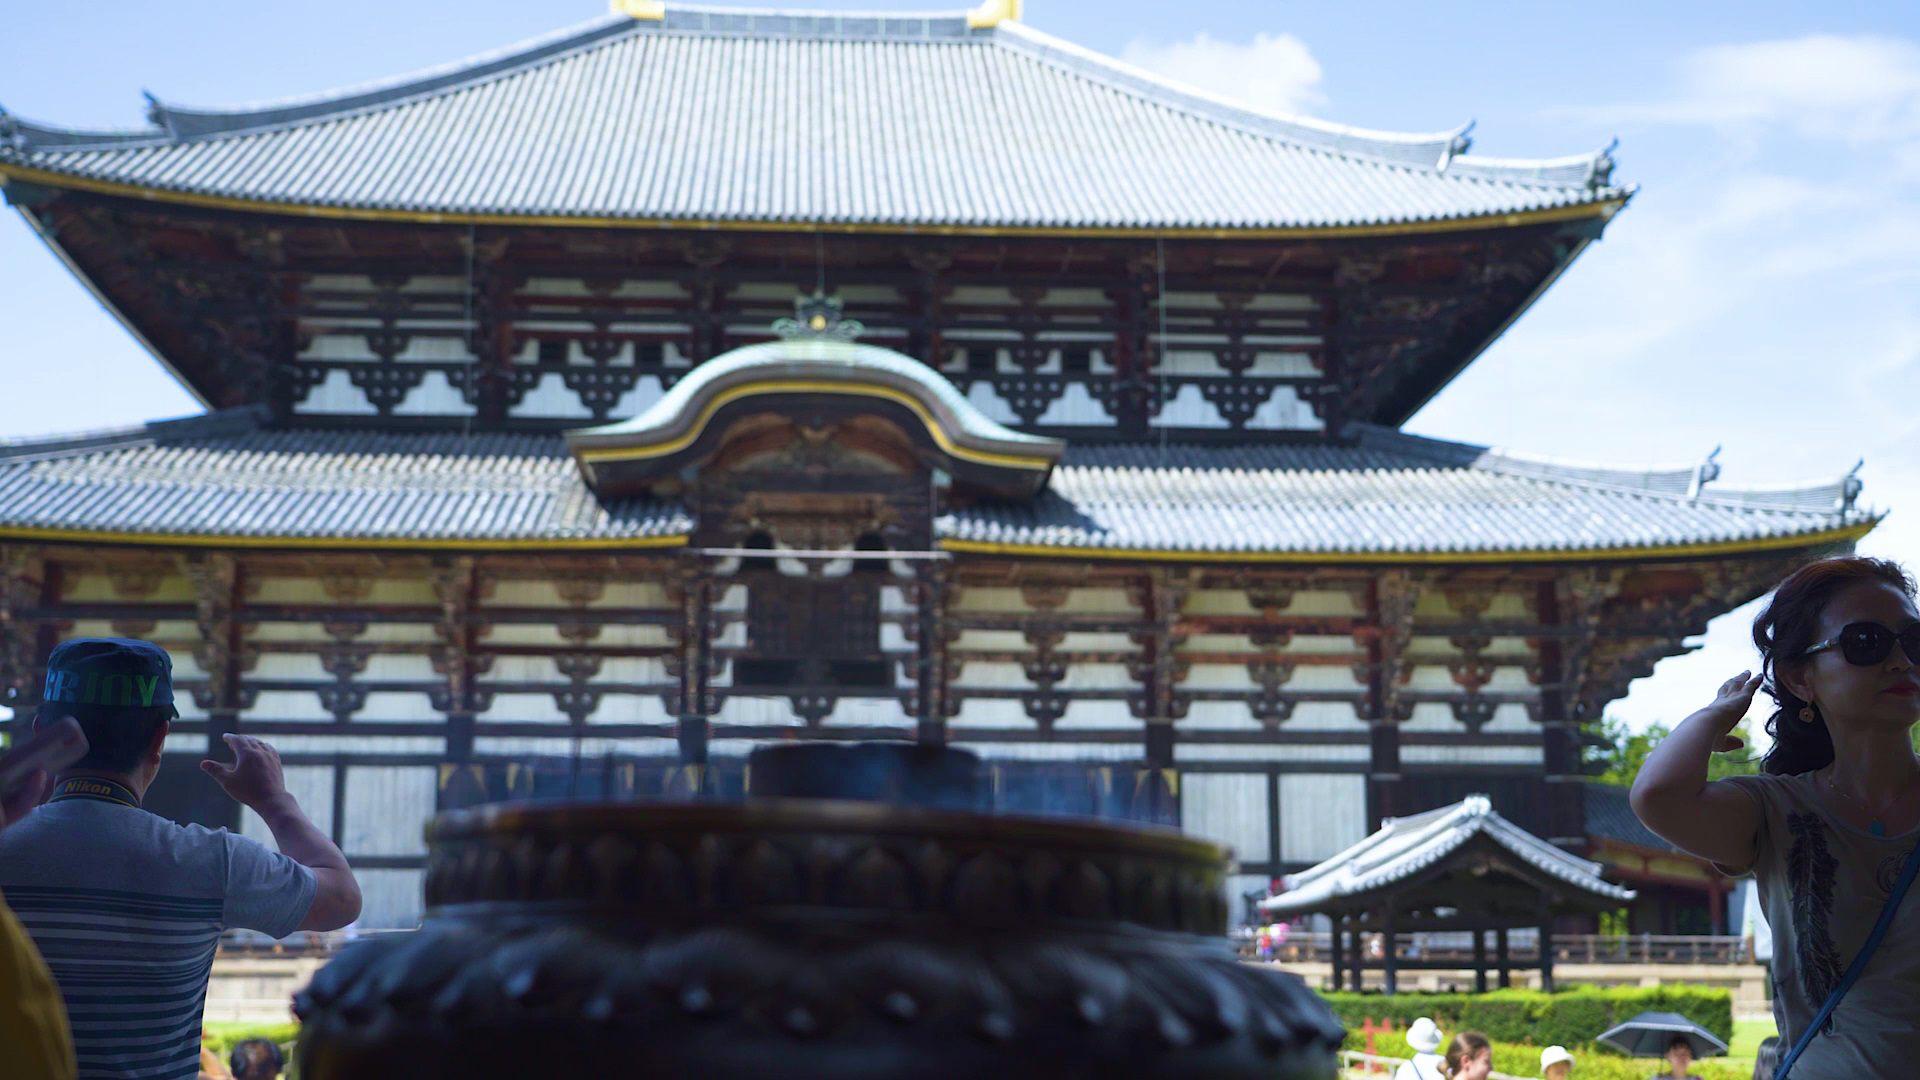 迫力満点の東大寺大仏殿